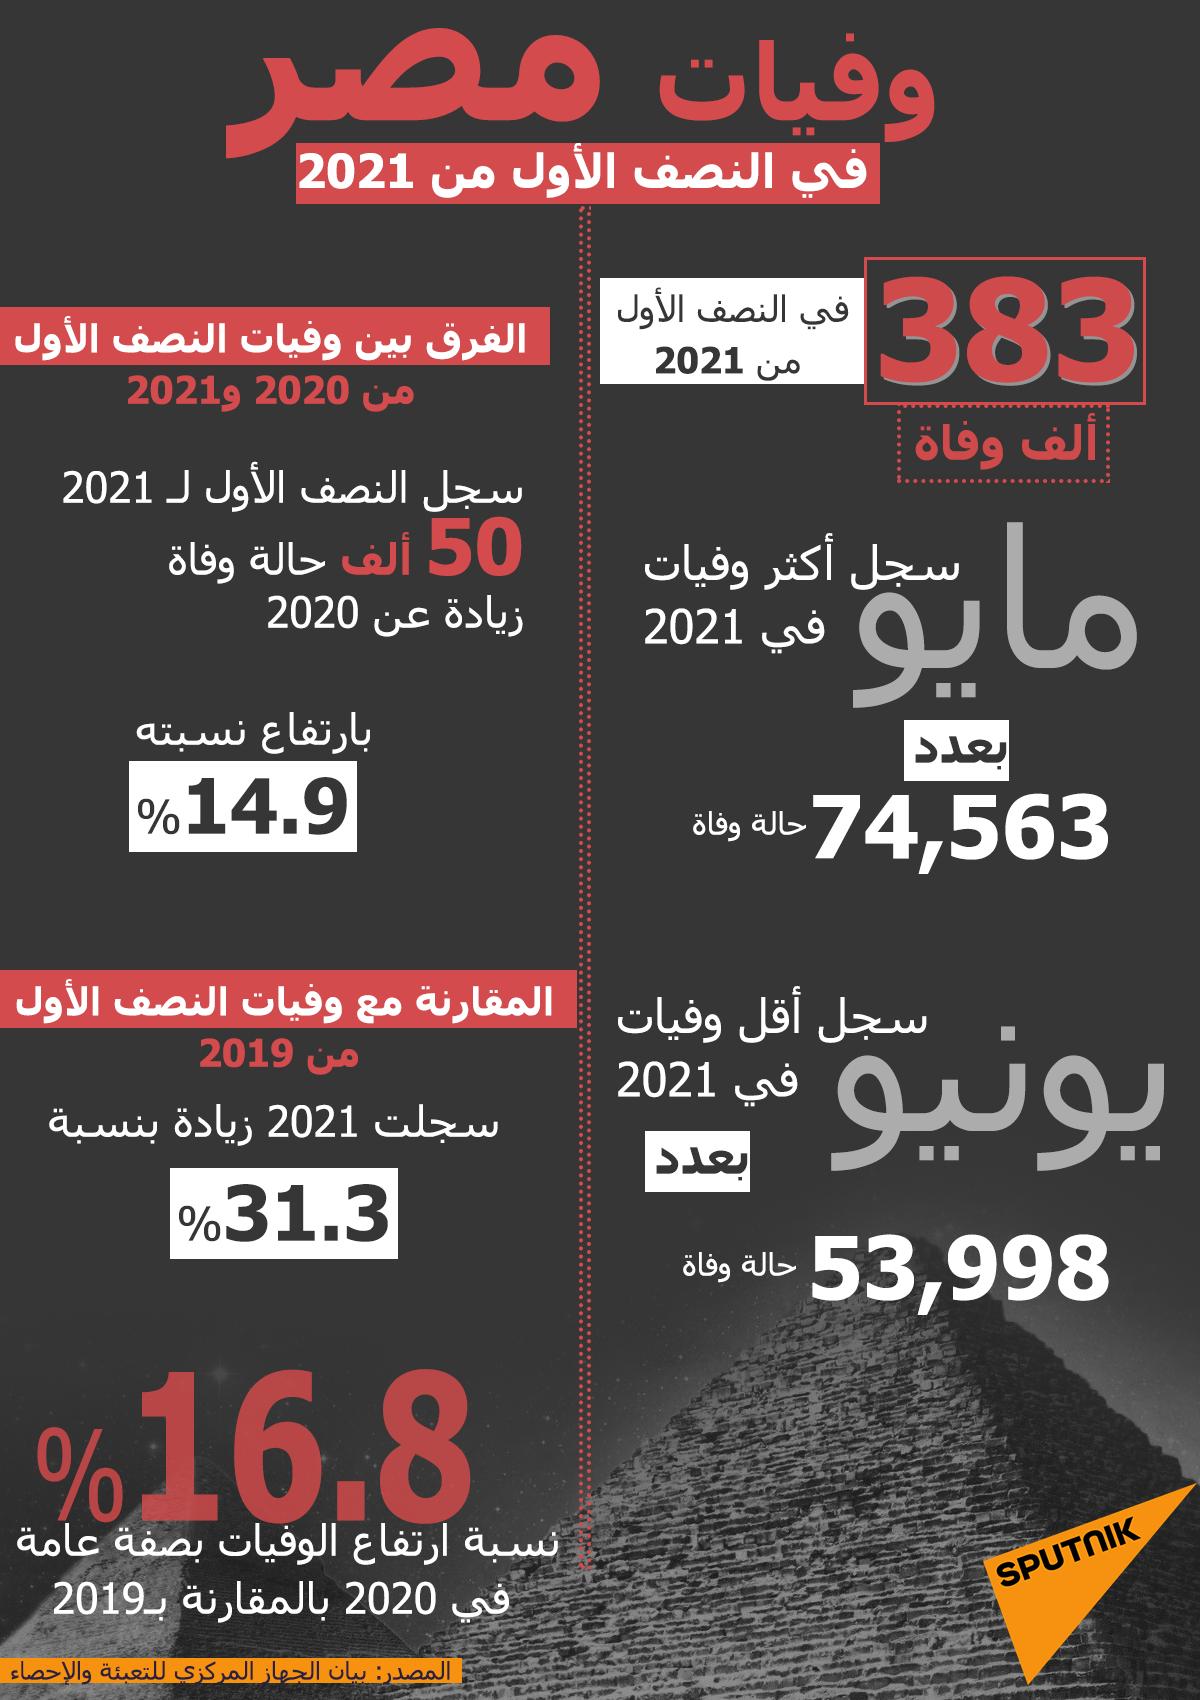 وفيات مصر في النصف الأول من 2021